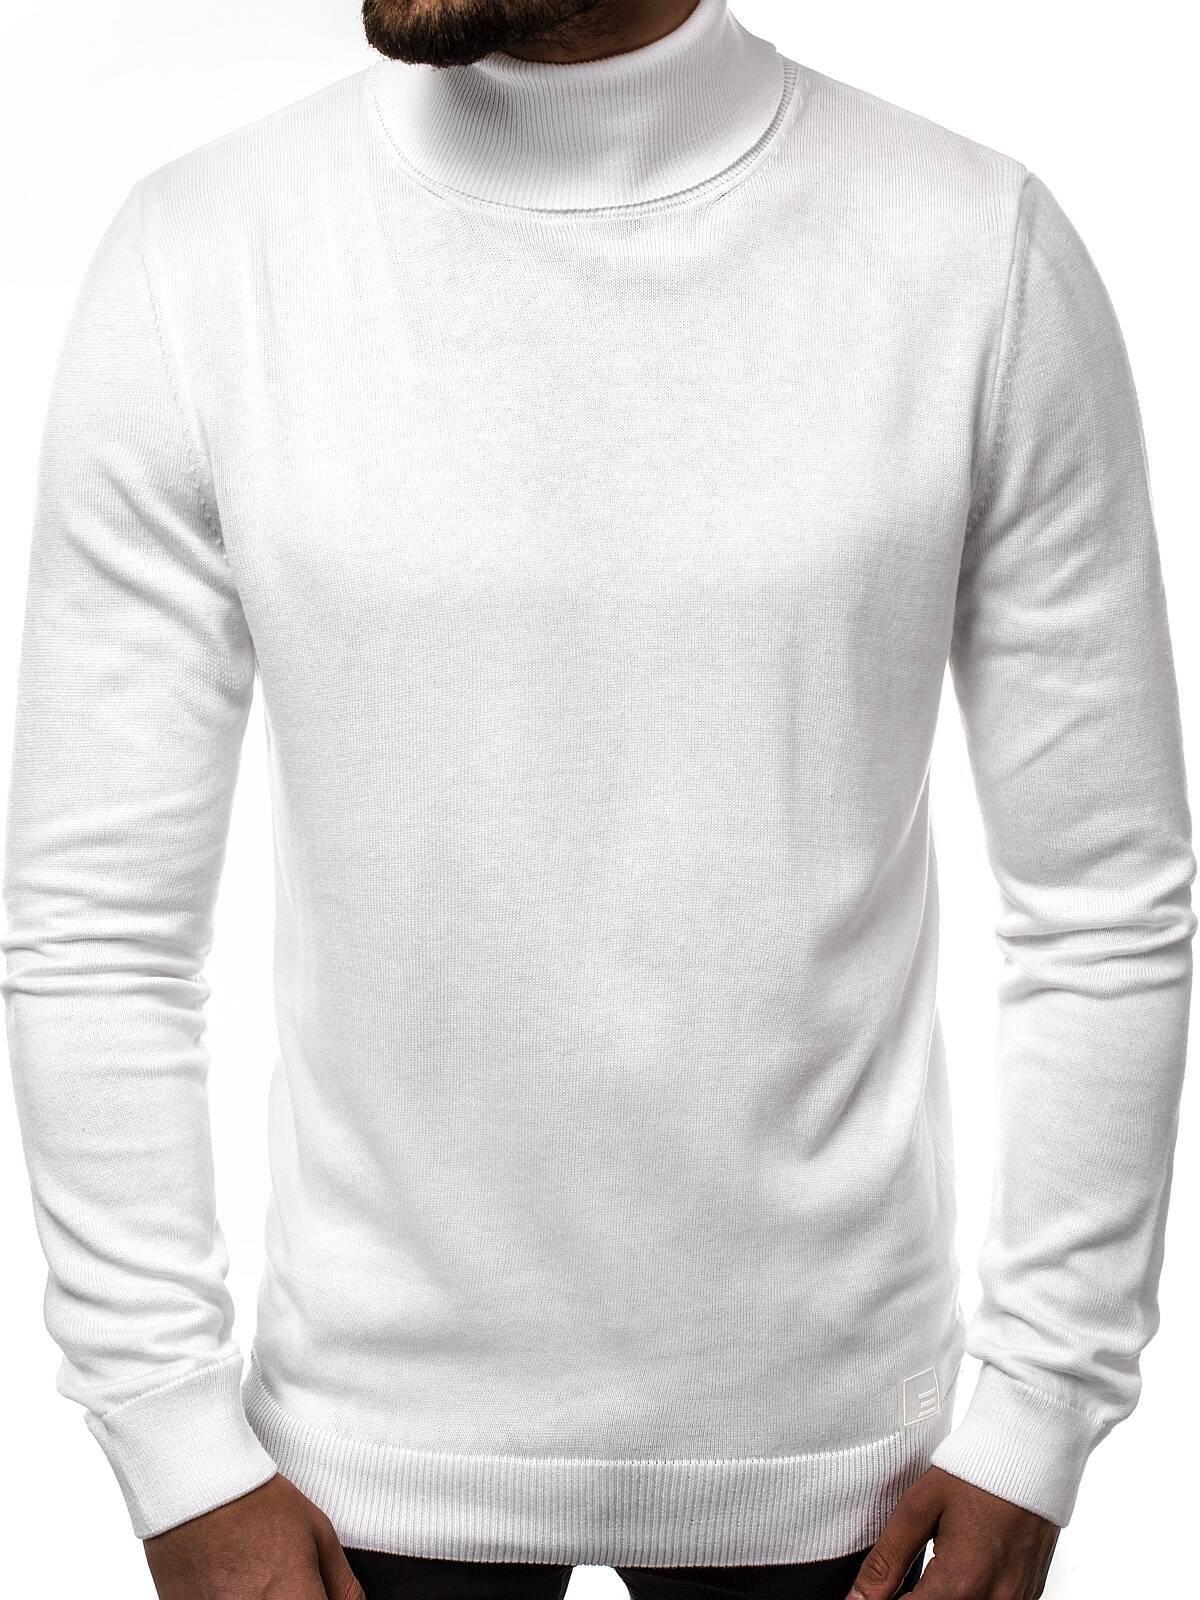 Rollkragen Langarmshirt Sweatshirt Pullover Longsleeve Herren Pulli Sweatshirt